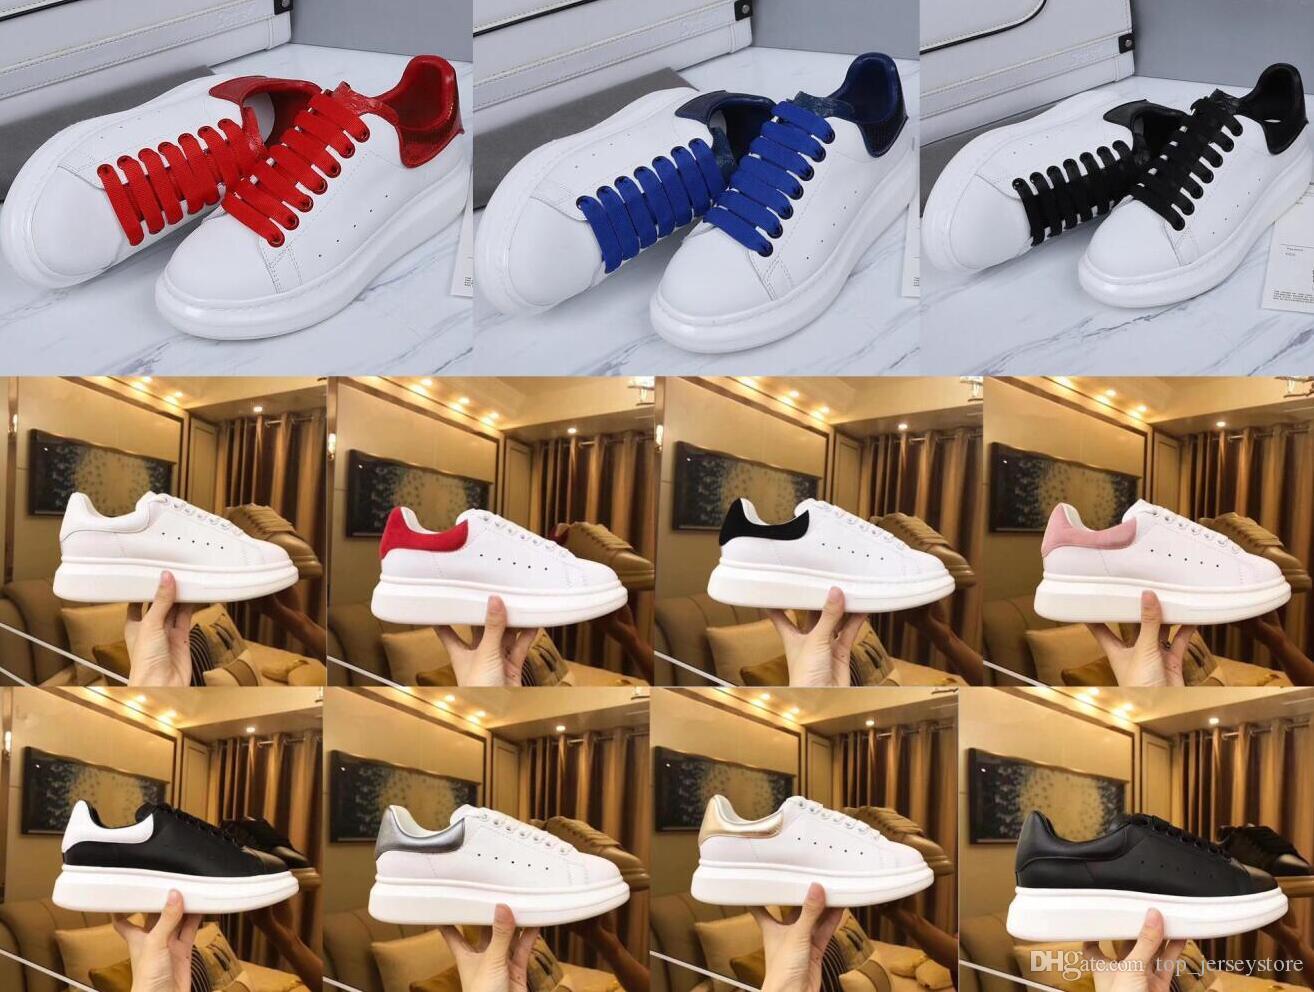 Designer Homens Mulheres Sneaker calçados casuais Moda inteligente Plataforma Trainers luminosa fluorescente sapatos Cobra Voltar Chaussures couro Pour Hommes